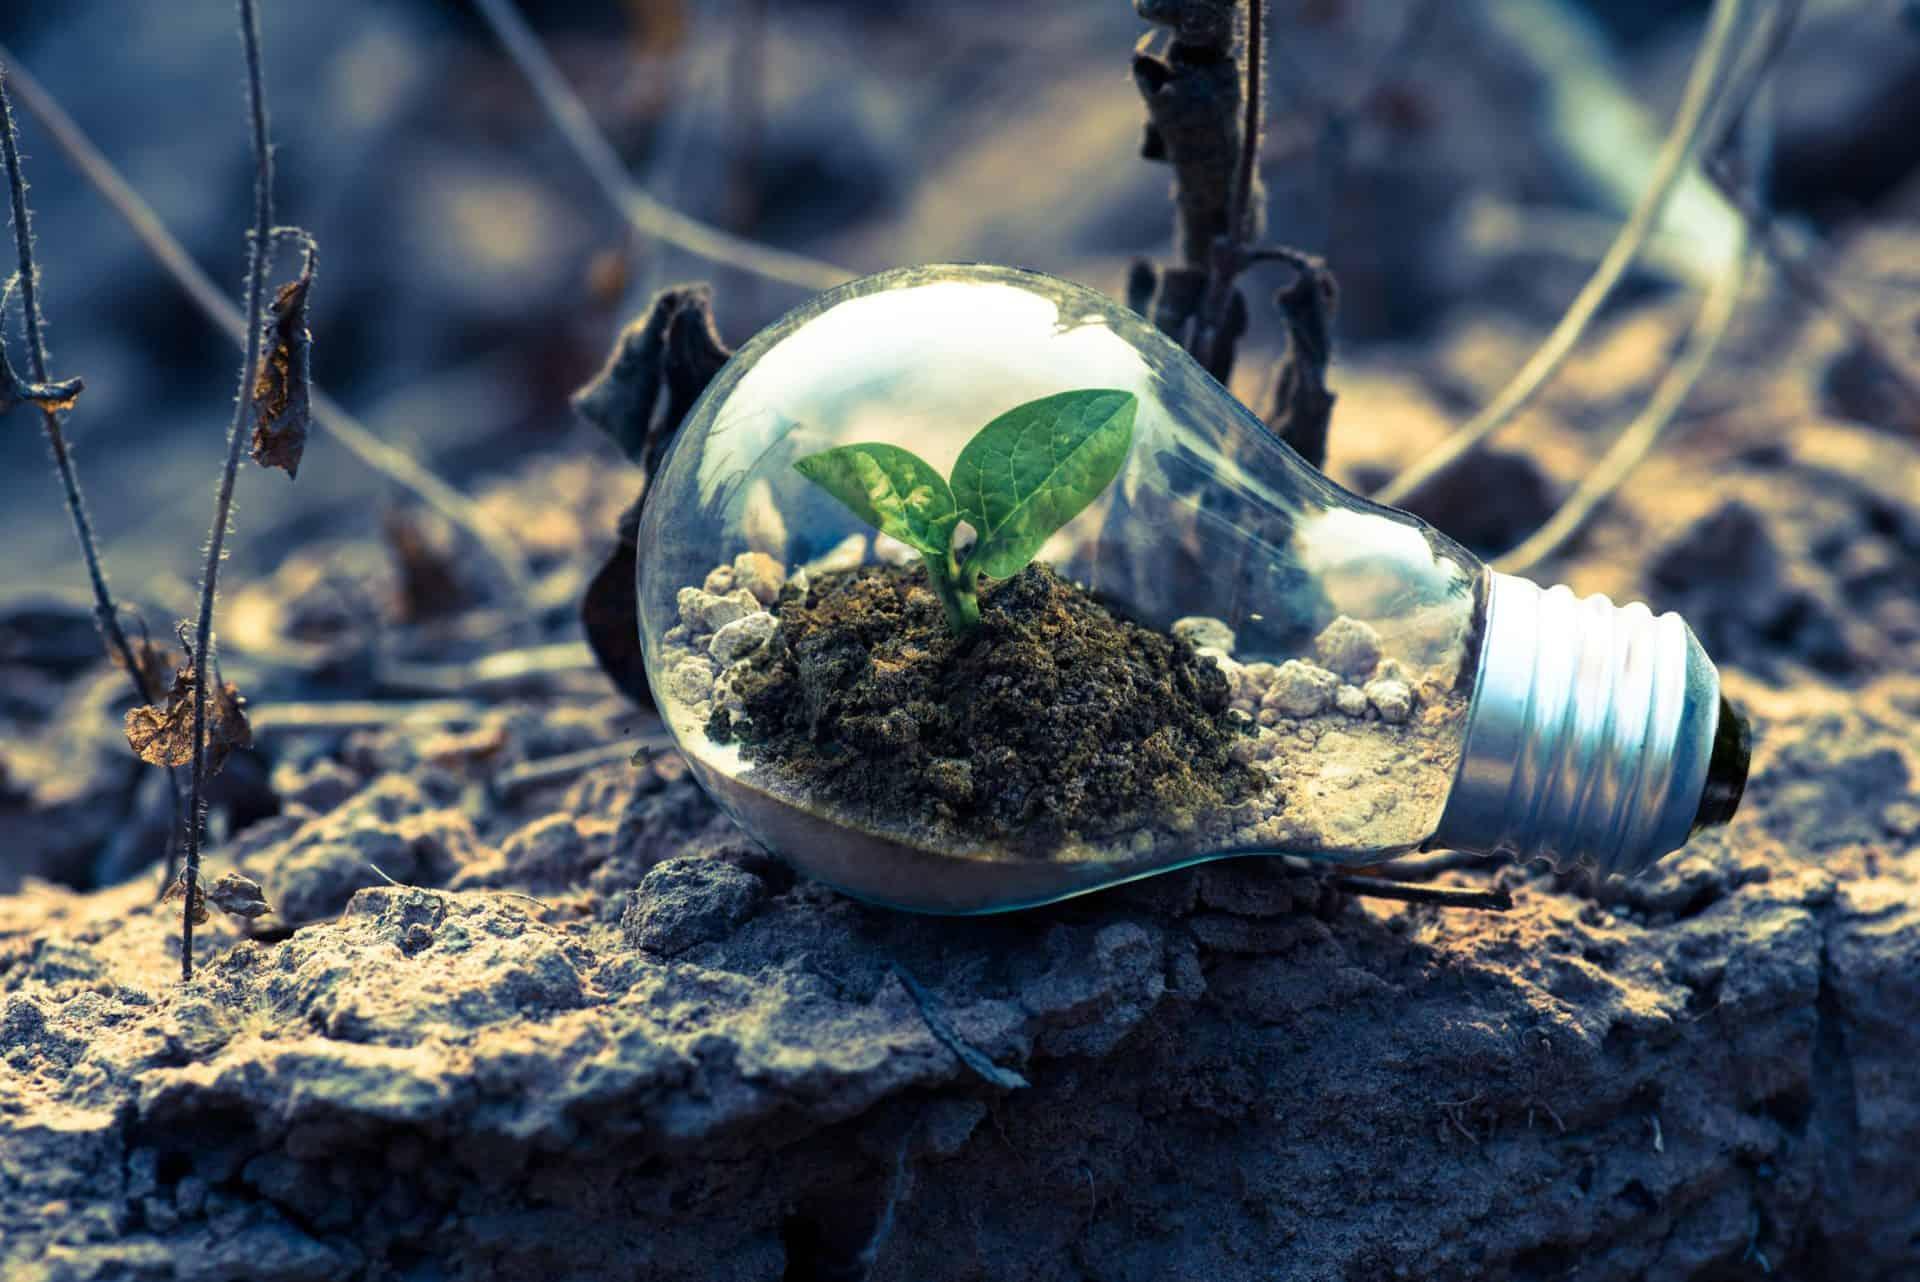 Neuer Biokraftstoff, Biokunststoff und Roger Federer Foundation